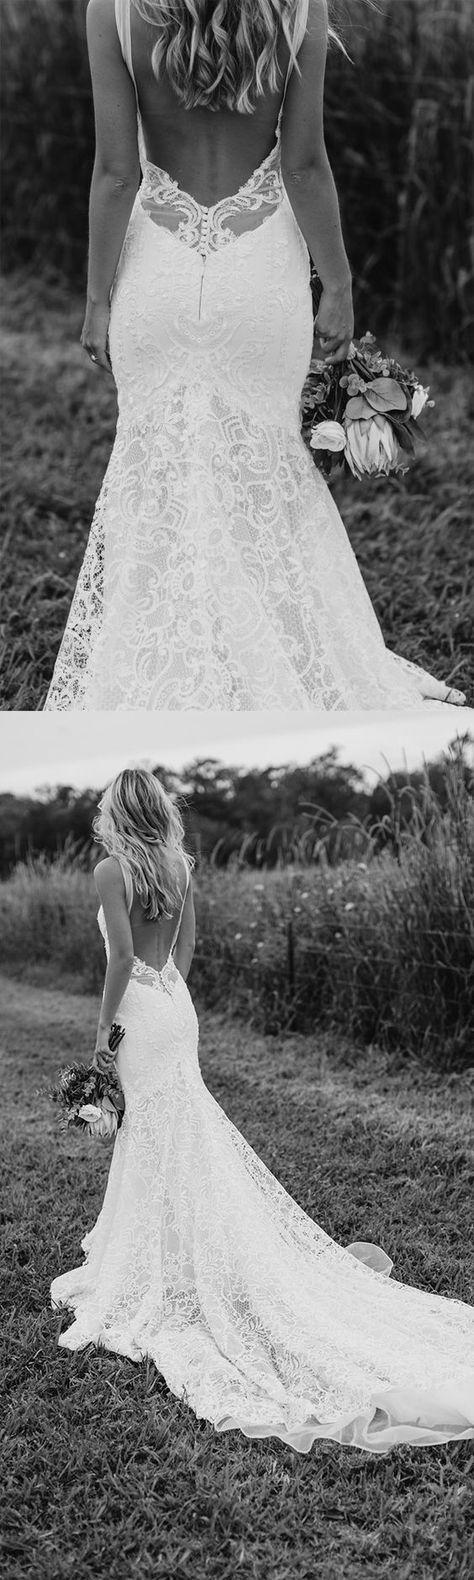 Vintage Brautkleid aus Spitze mit langer Schleppe und tiefem sexy Rückenausschnitt